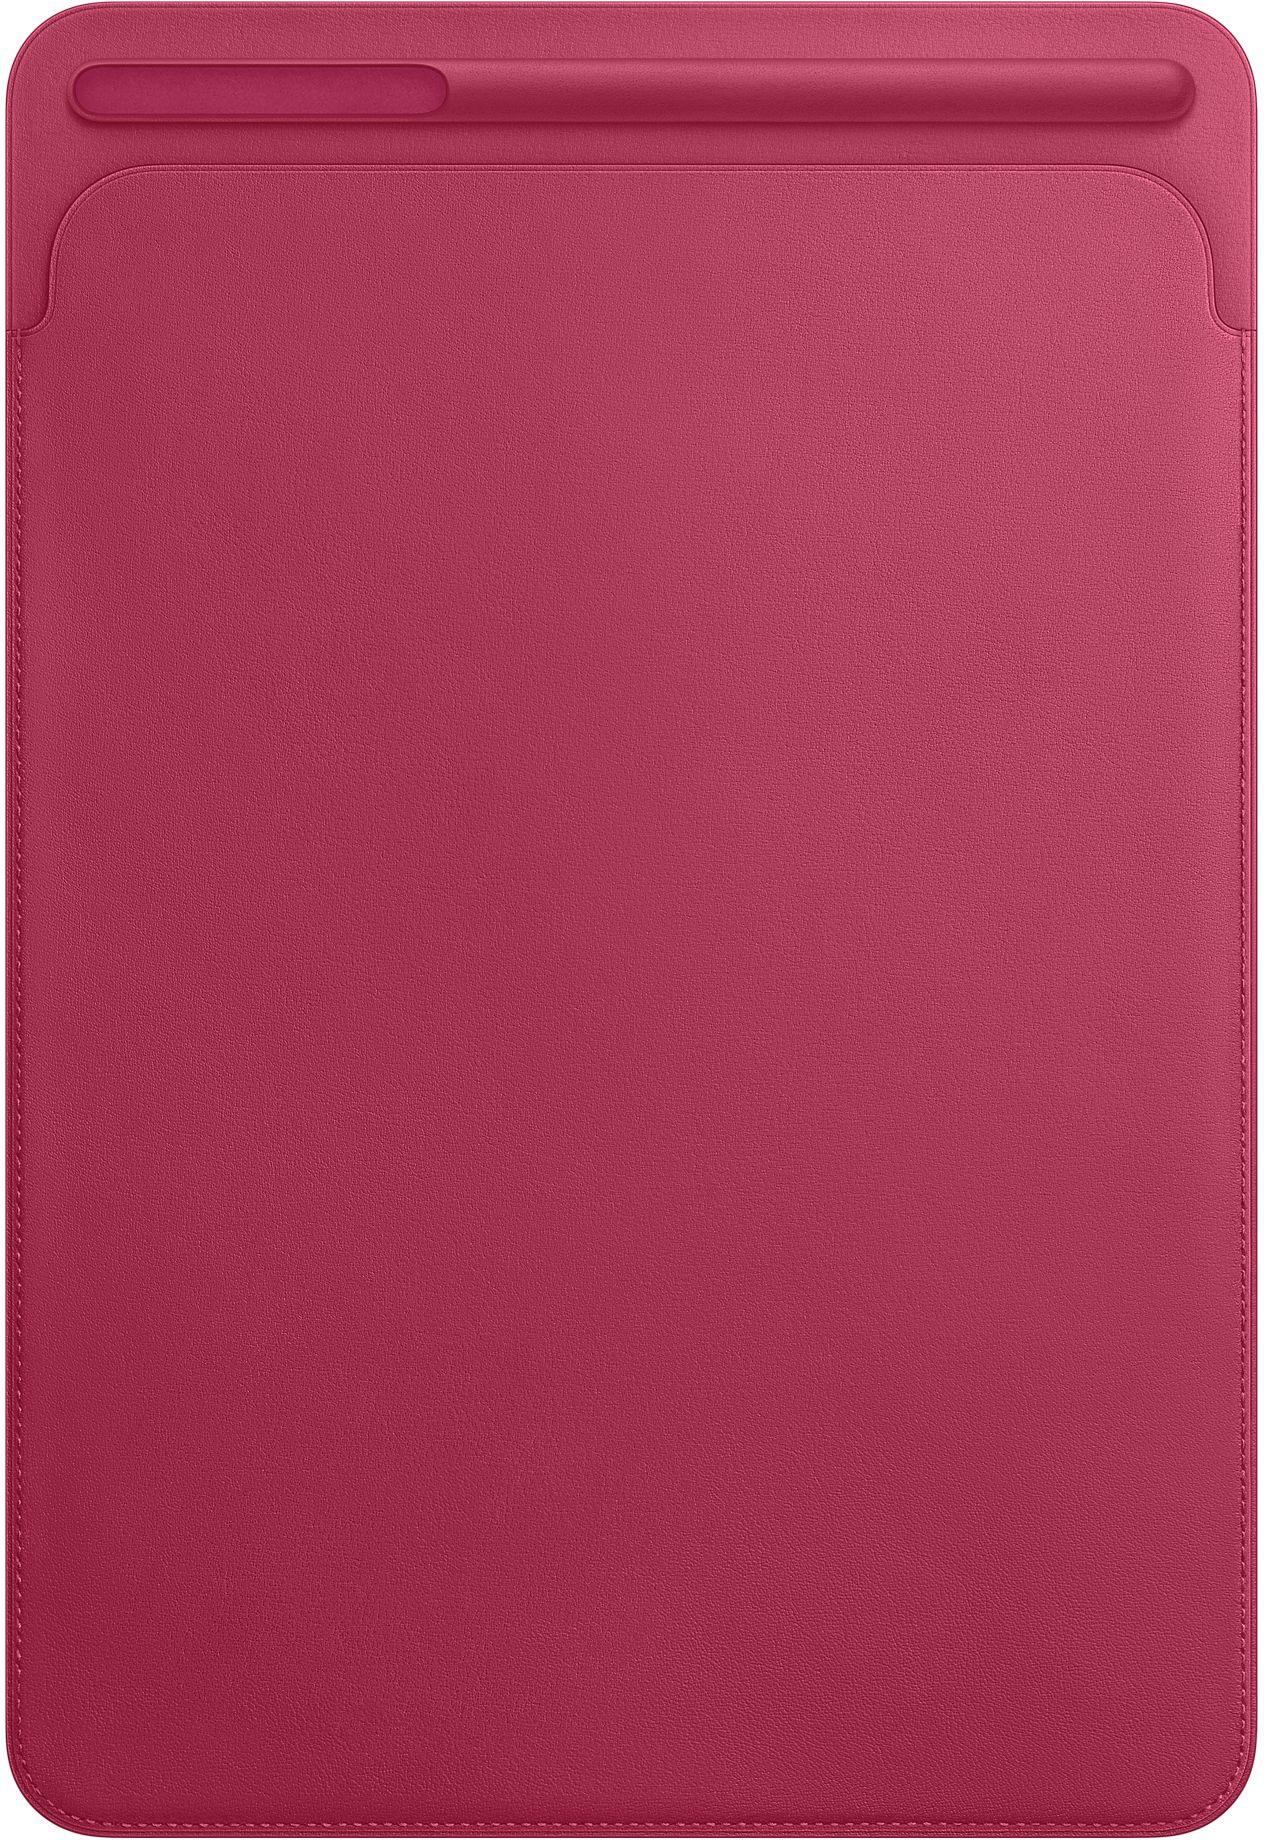 Capa de couro para iPad Pro de 10,5 polegadas - Rosa-fúcsia